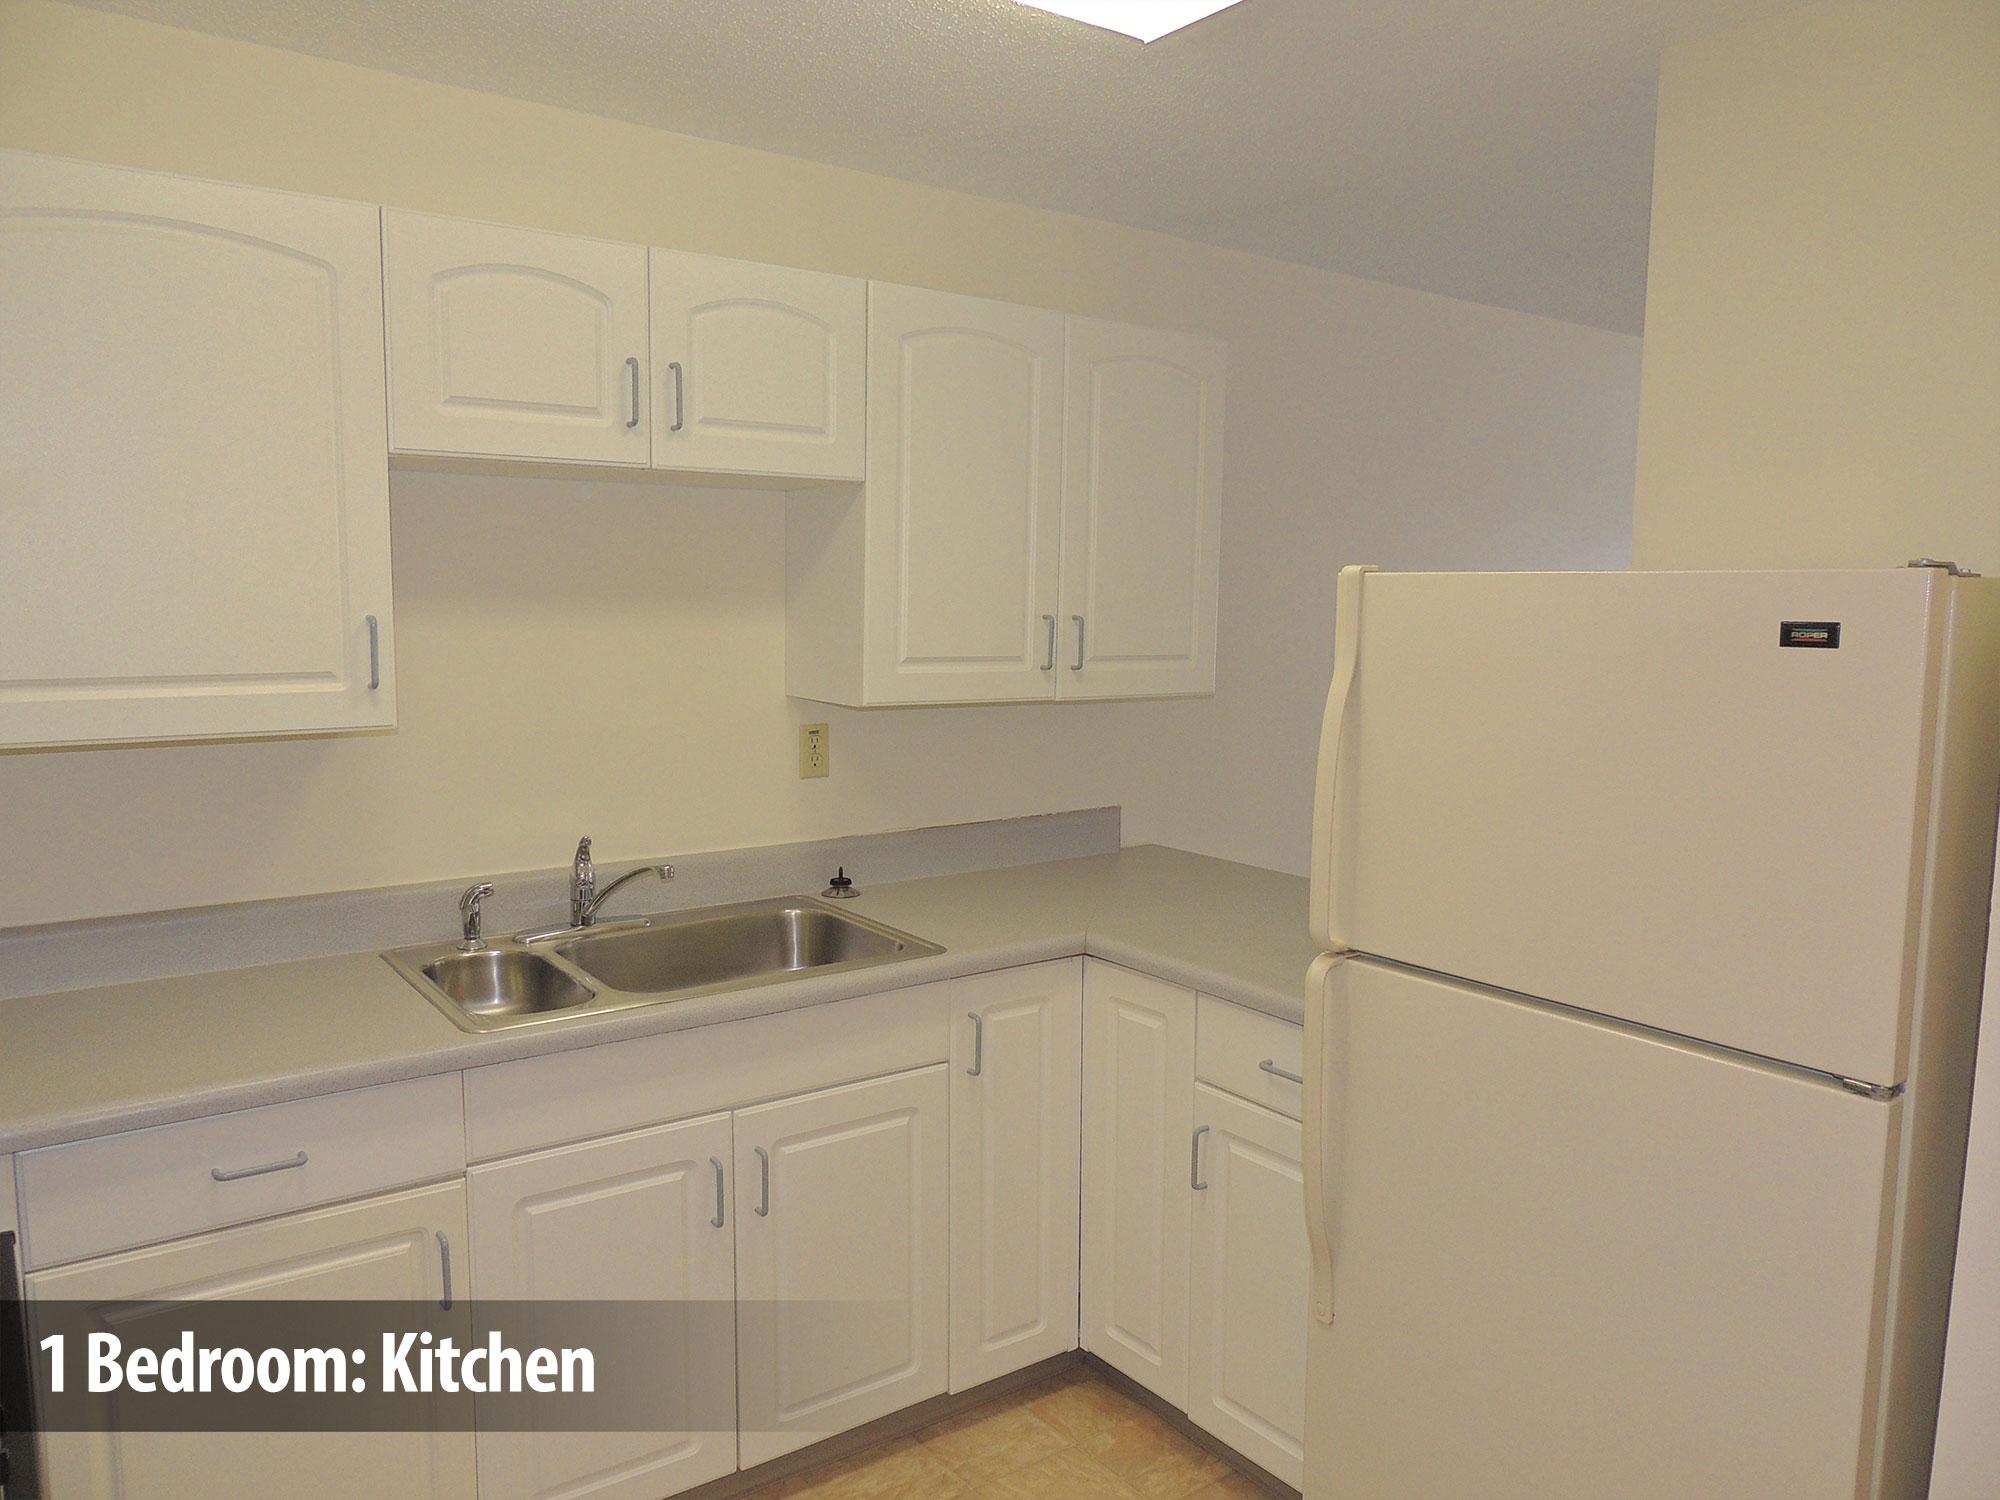 1bedroom-kitchen2